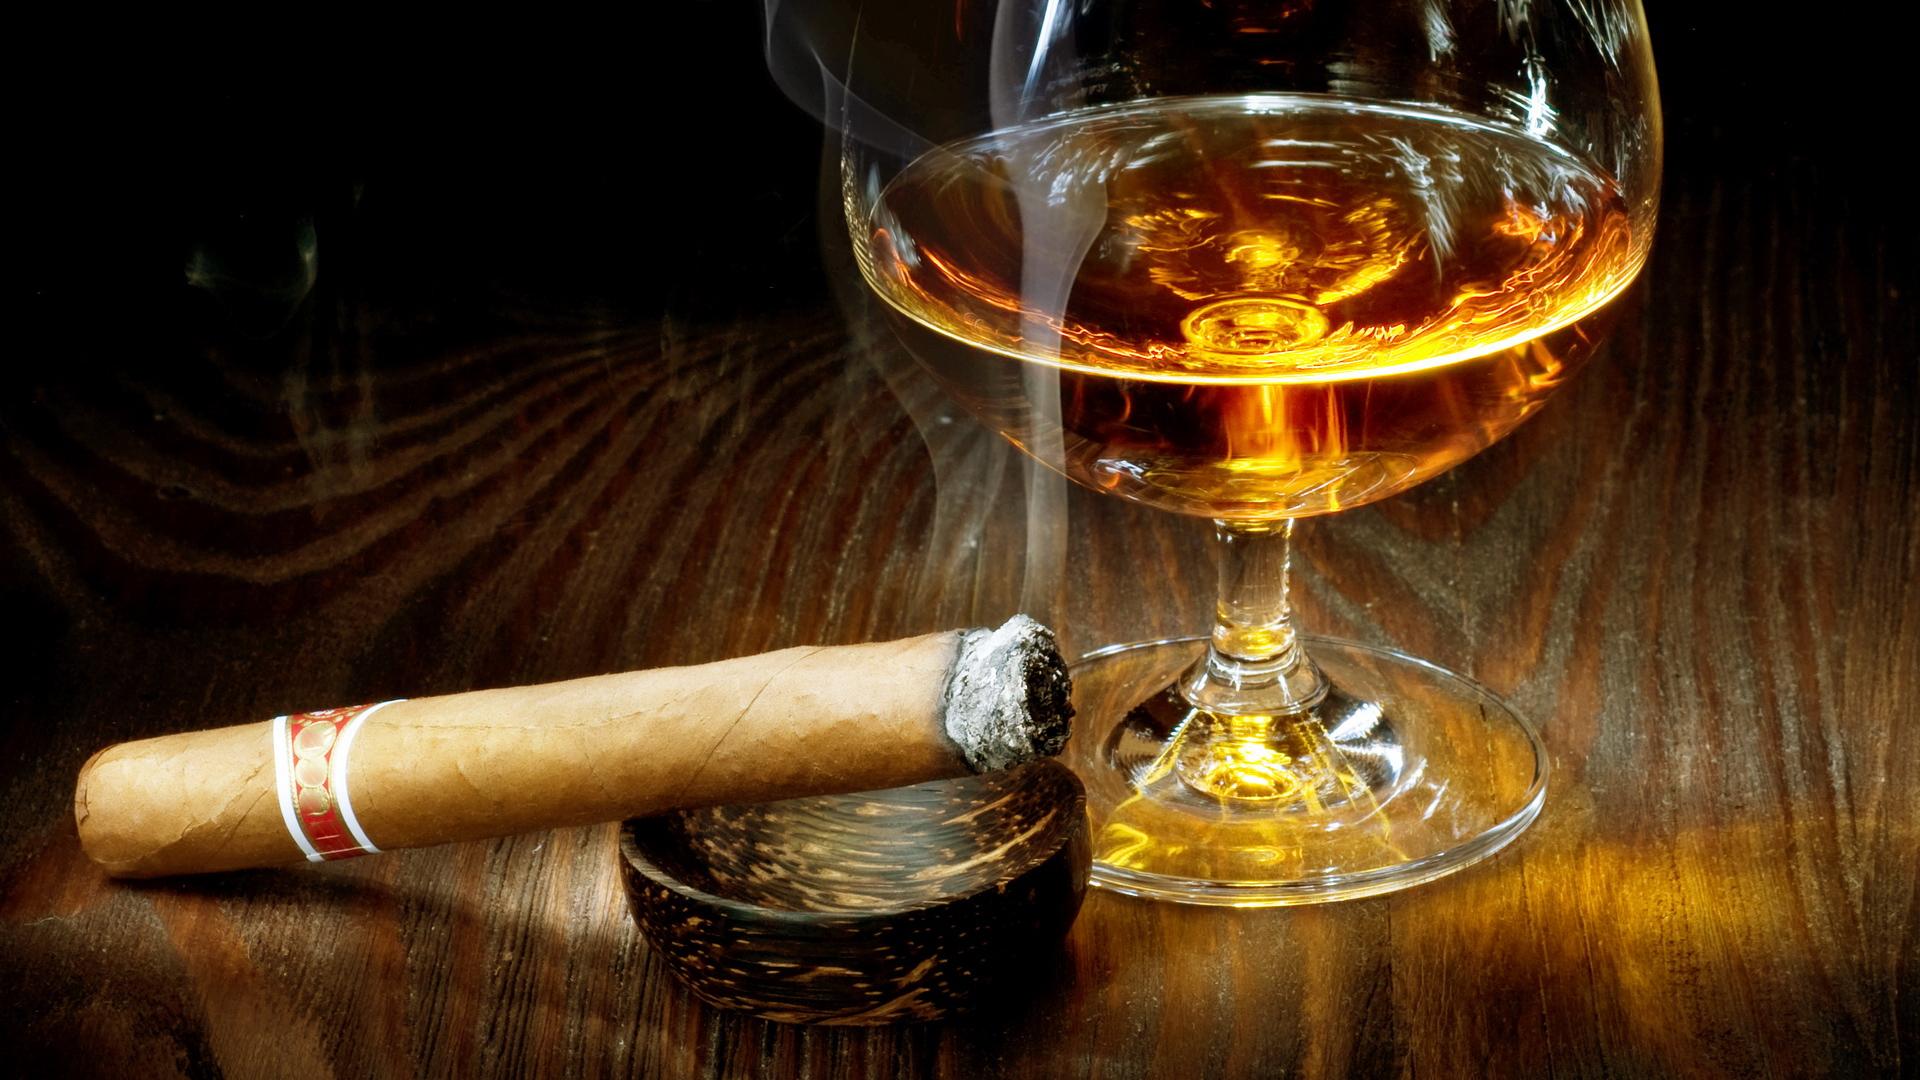 Домашний виски. Рецепт приготовления виски дома